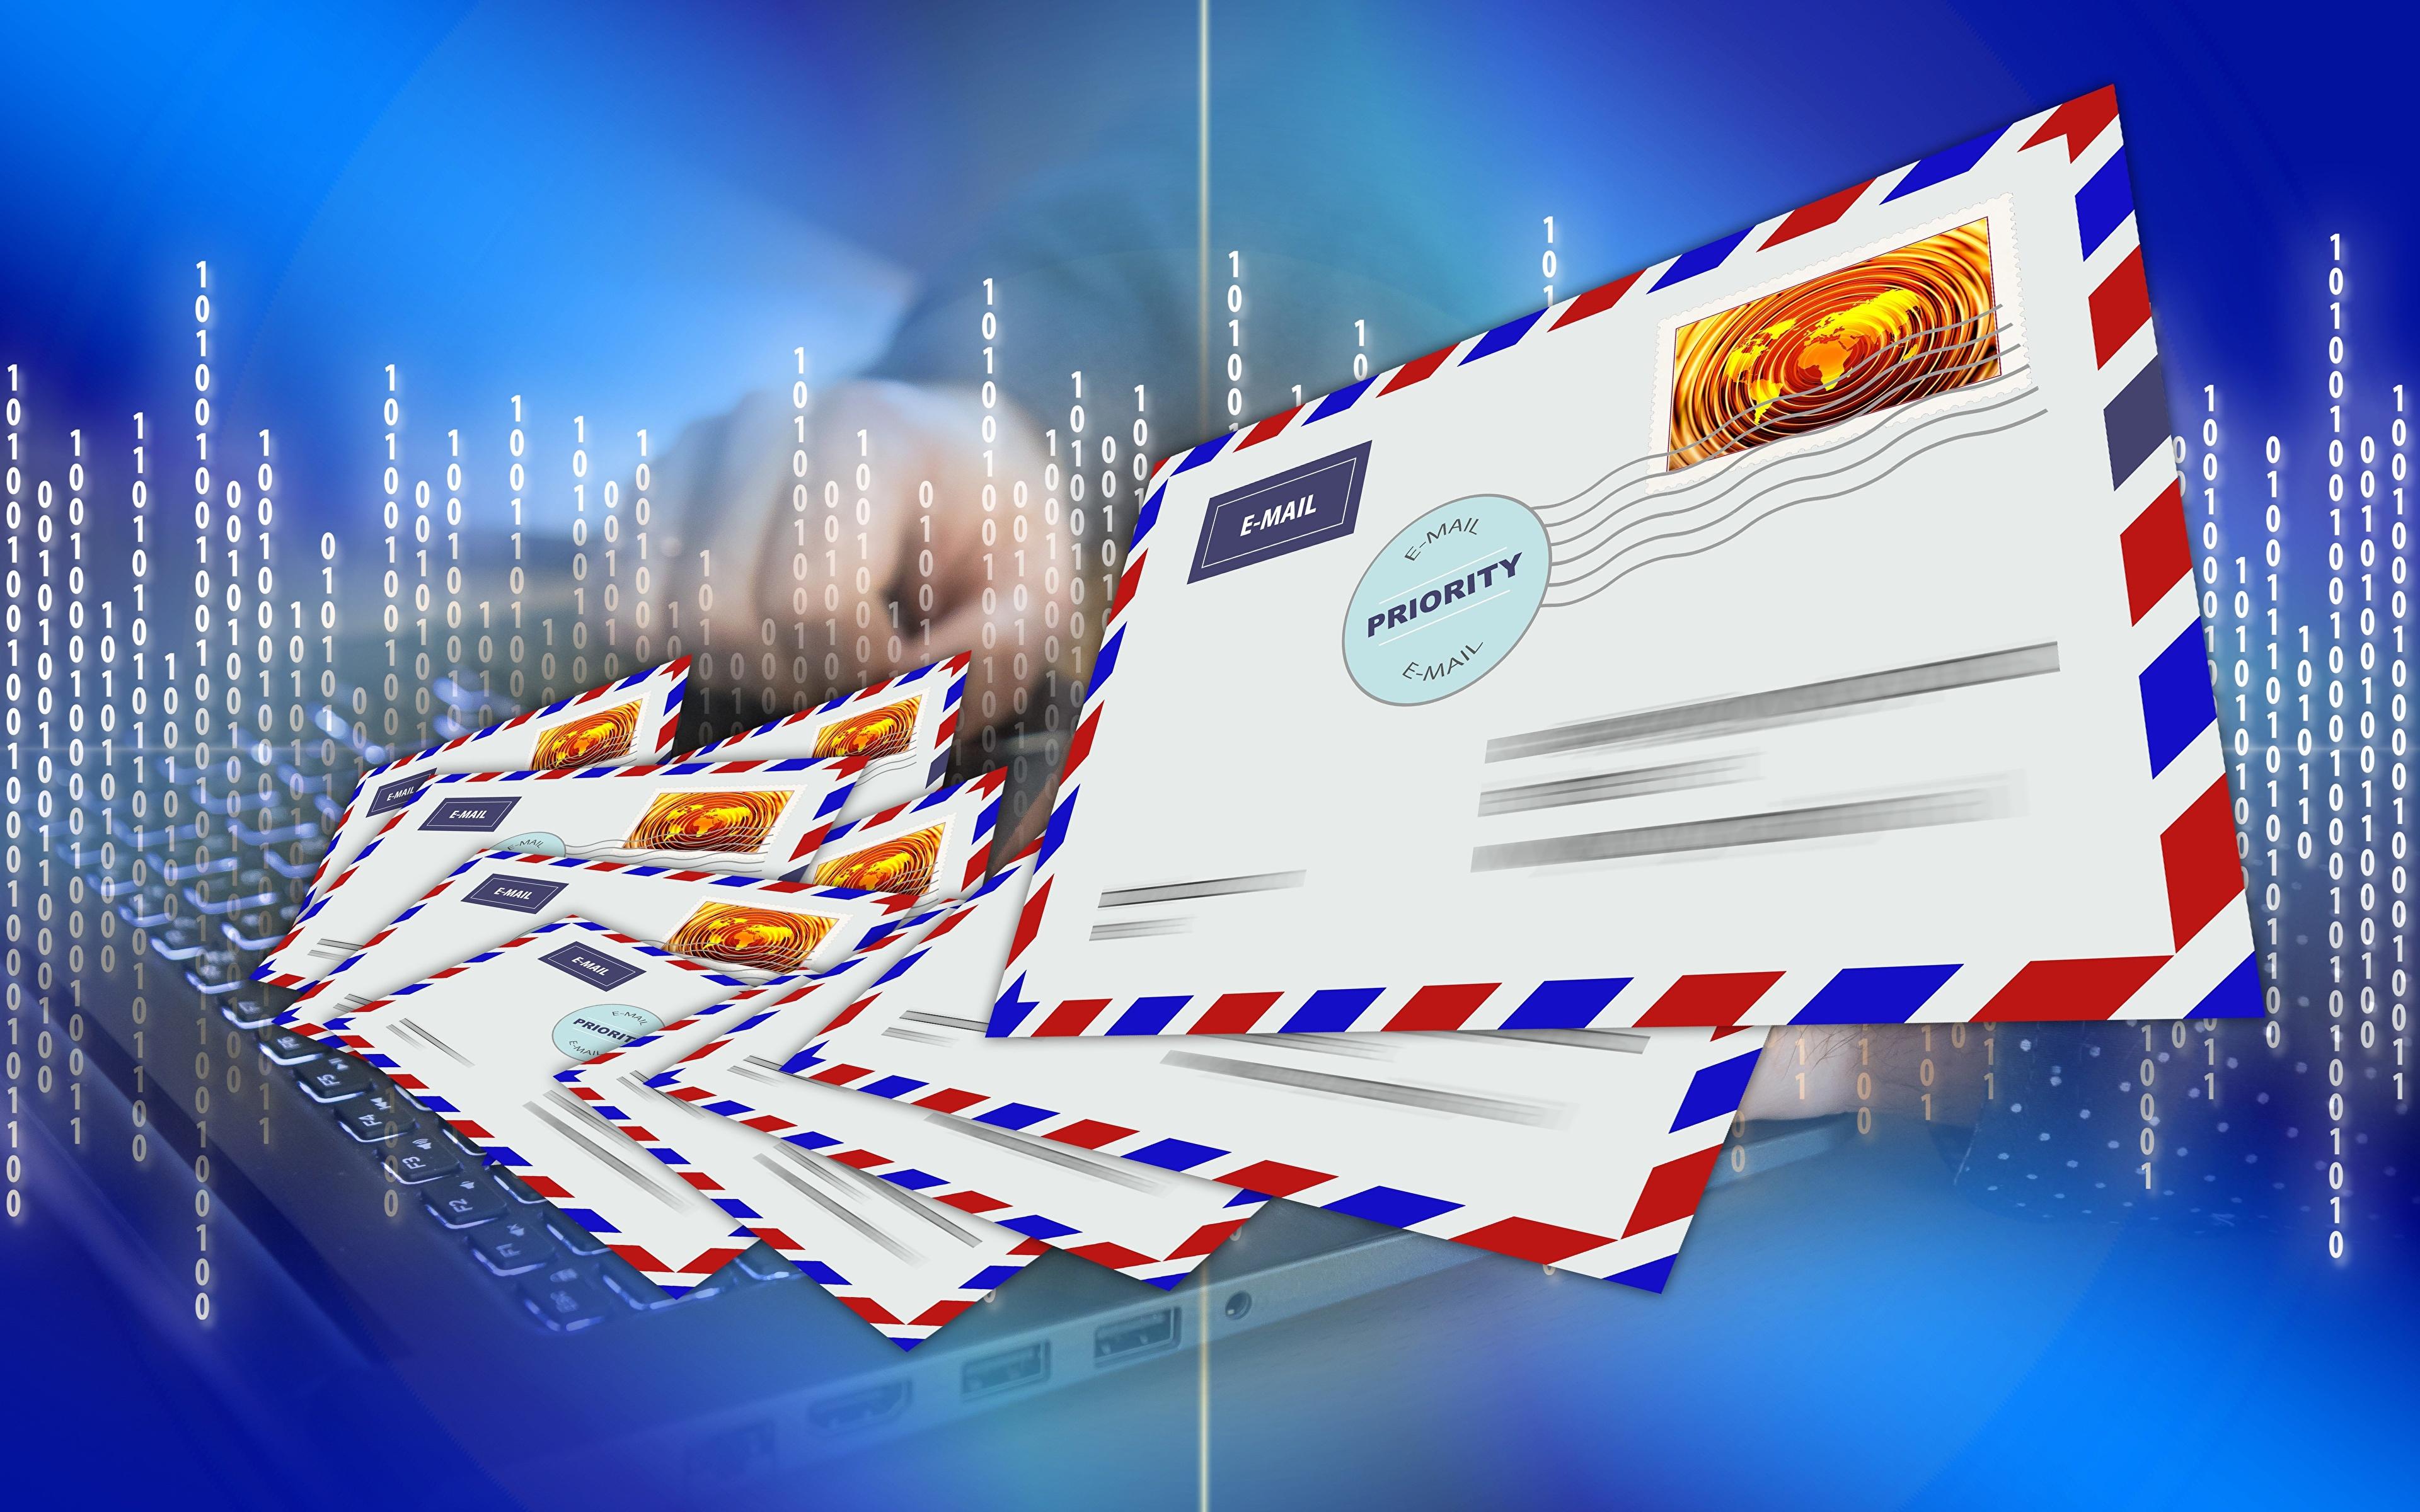 Обои для рабочего стола Конверт post, Postal envelope письма Много Векторная графика 3840x2400 Письмо